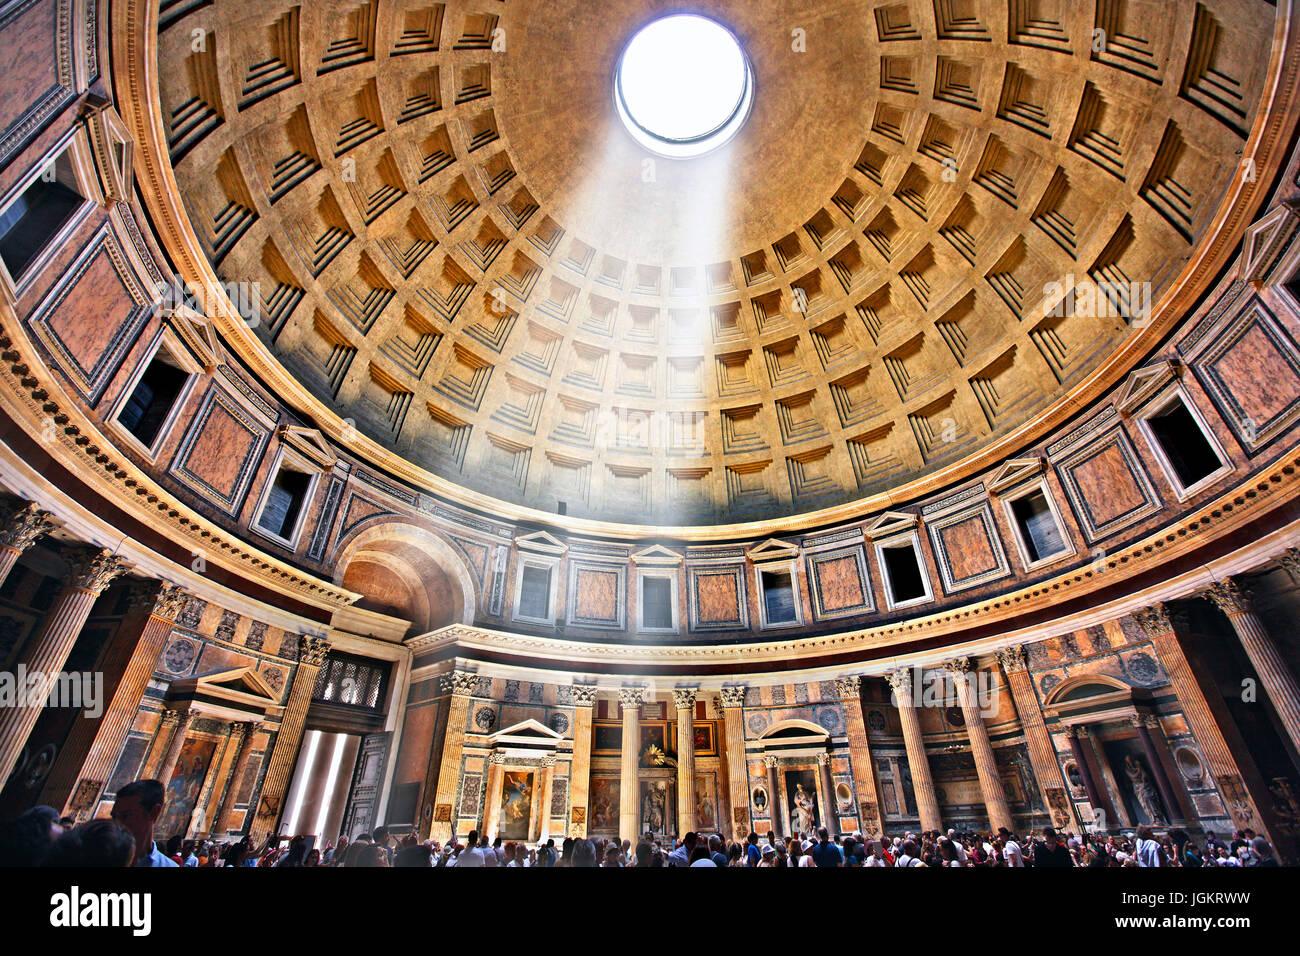 All'interno del Pantheon romano ex tempio, ora una chiesa di Santa Maria e dei Martiri (Chiesa Santa Maria dei Immagini Stock